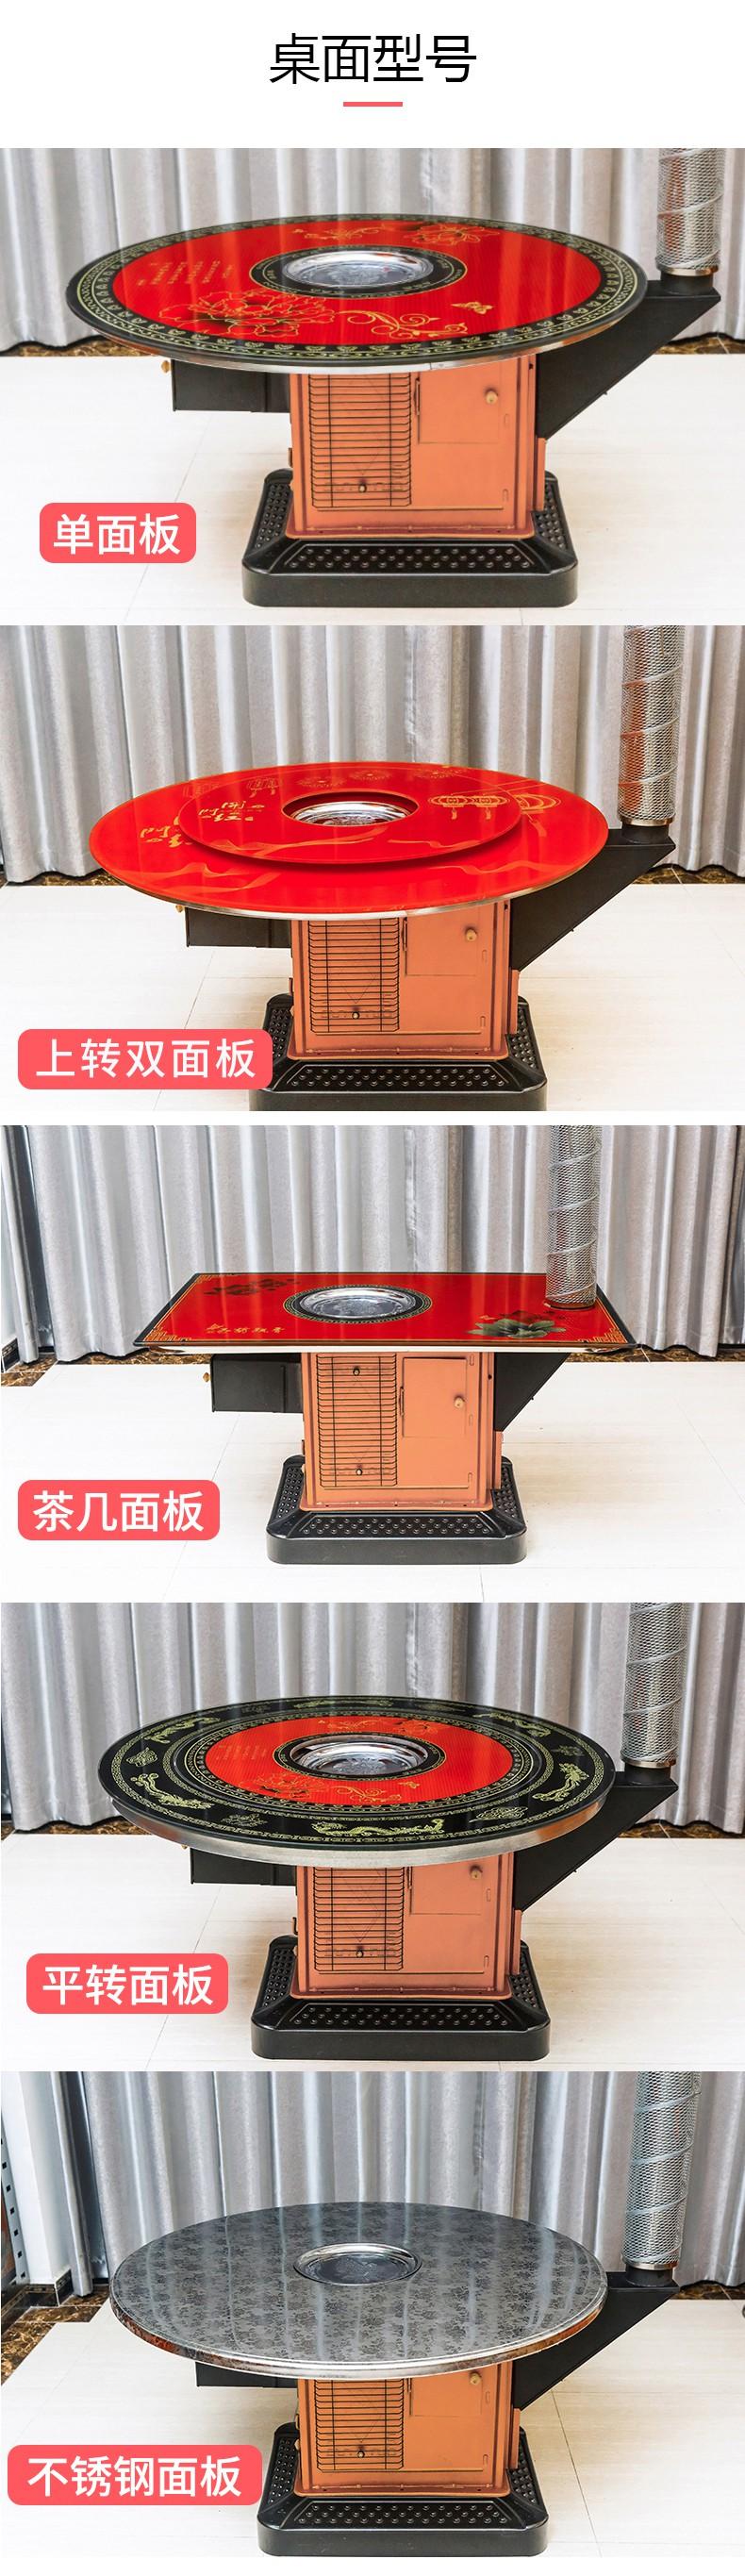 新式加厚柴火炉,家用农村烤火炉生产厂家批发价格供应